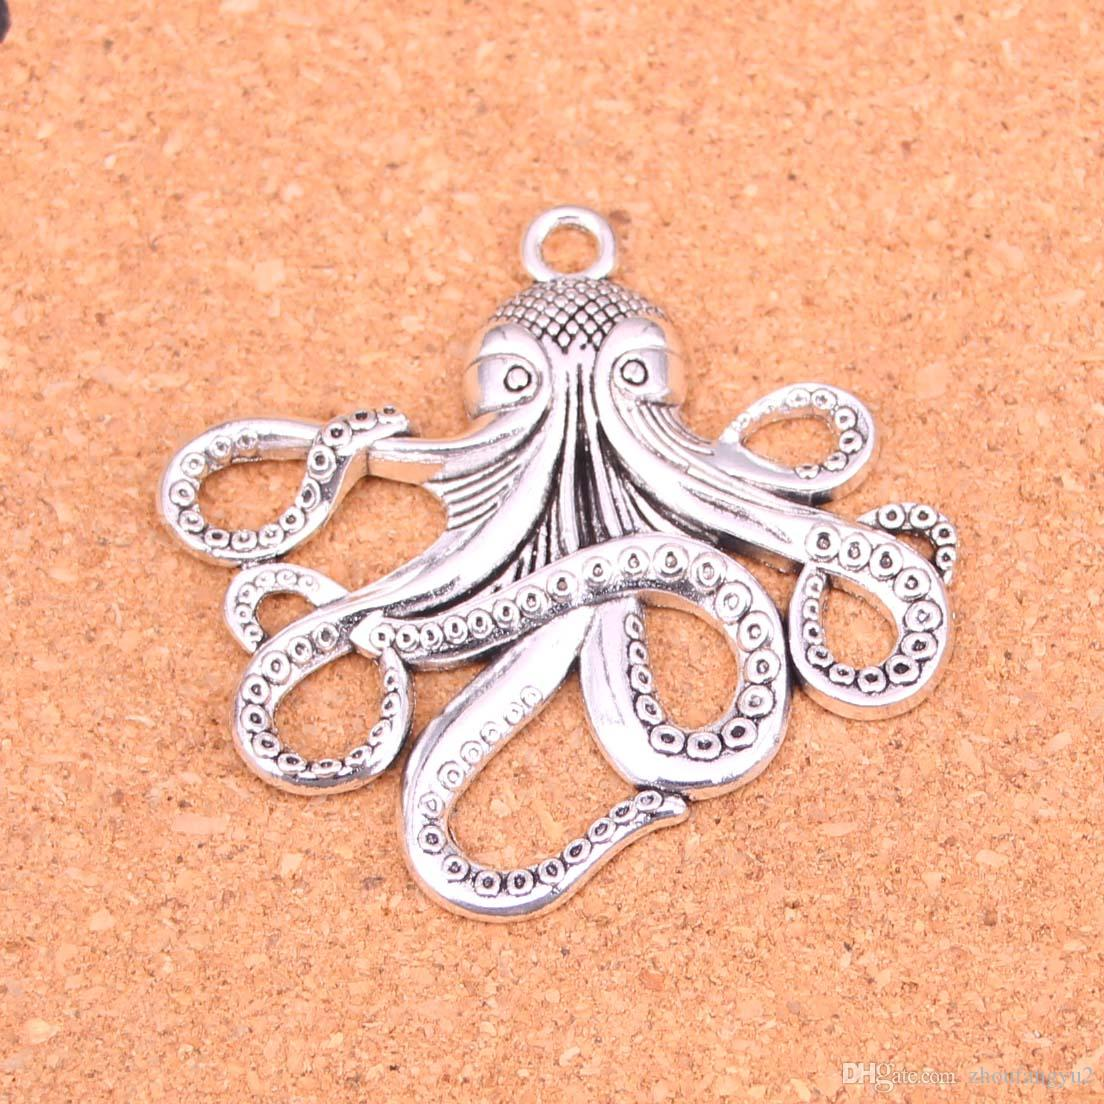 Plata antigua 11pcs encantos pulpo plateado fabricación de los colgantes de plata tibetana DIY hecho a mano joyería 59 * 57mm